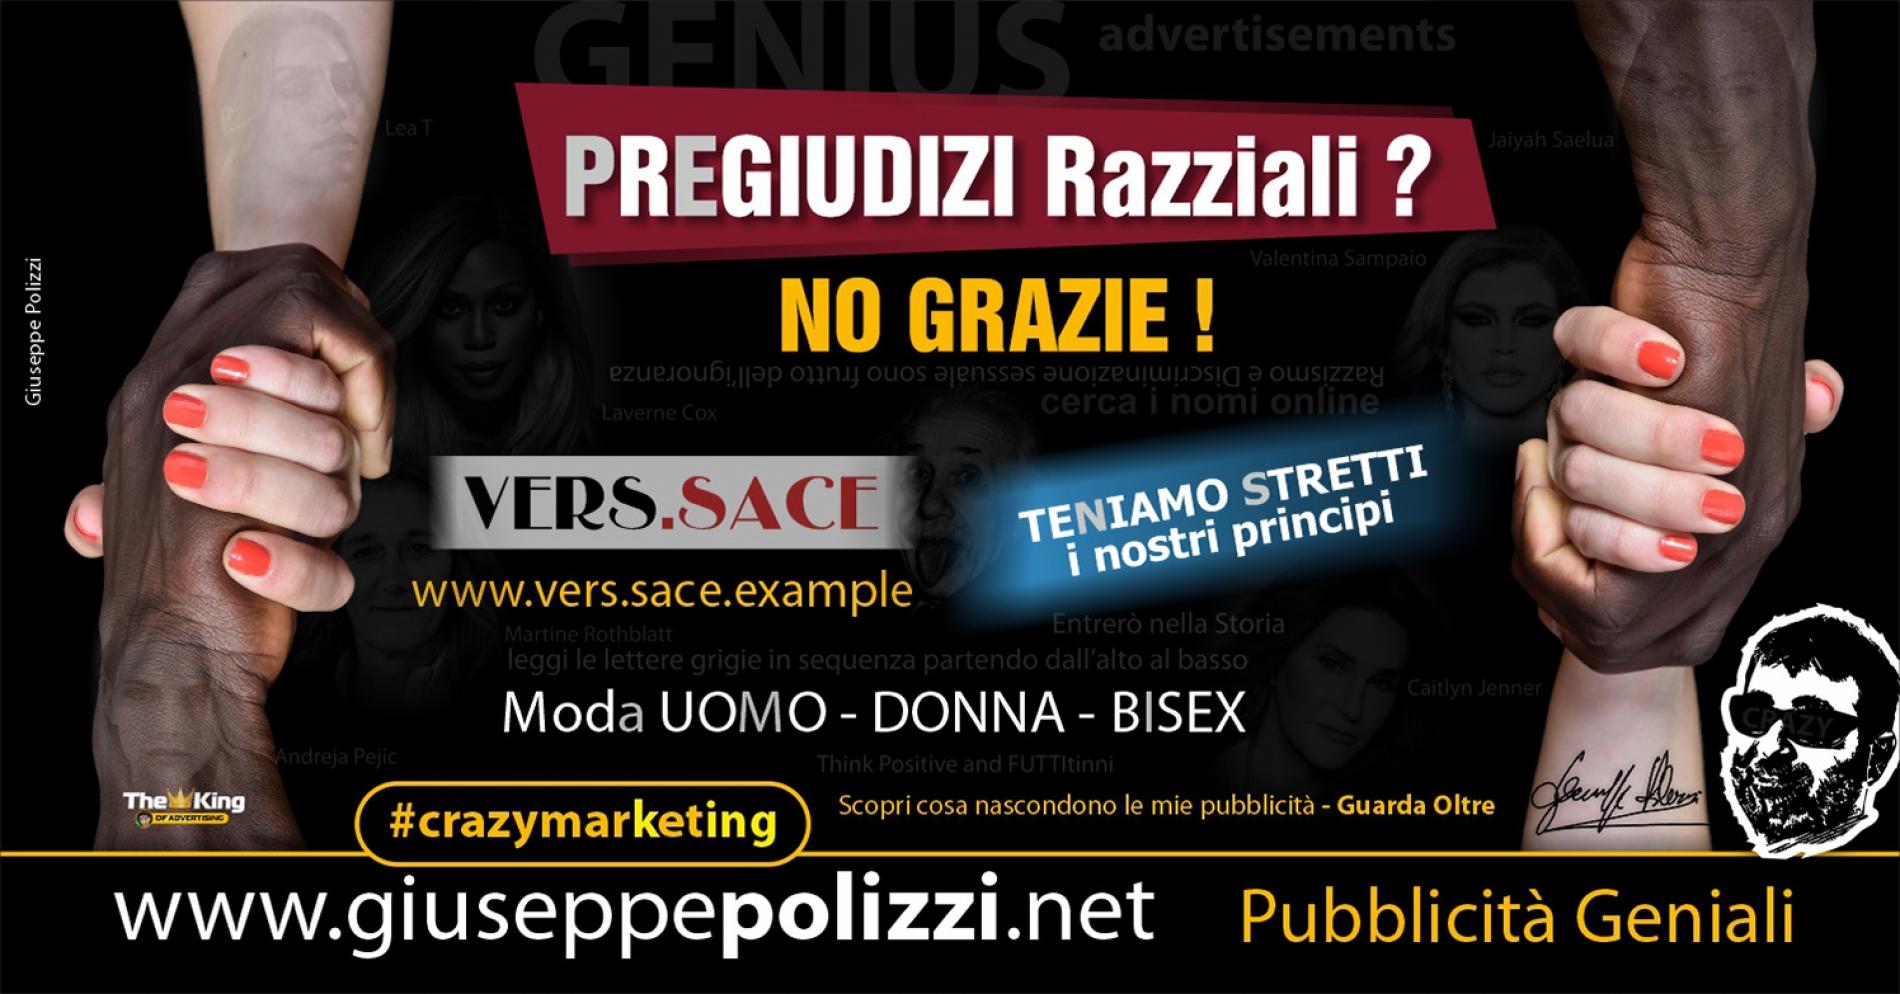 Giuseppe Polizzi Crazymarketing Pregiudizi Razziali Pubblicità geniali